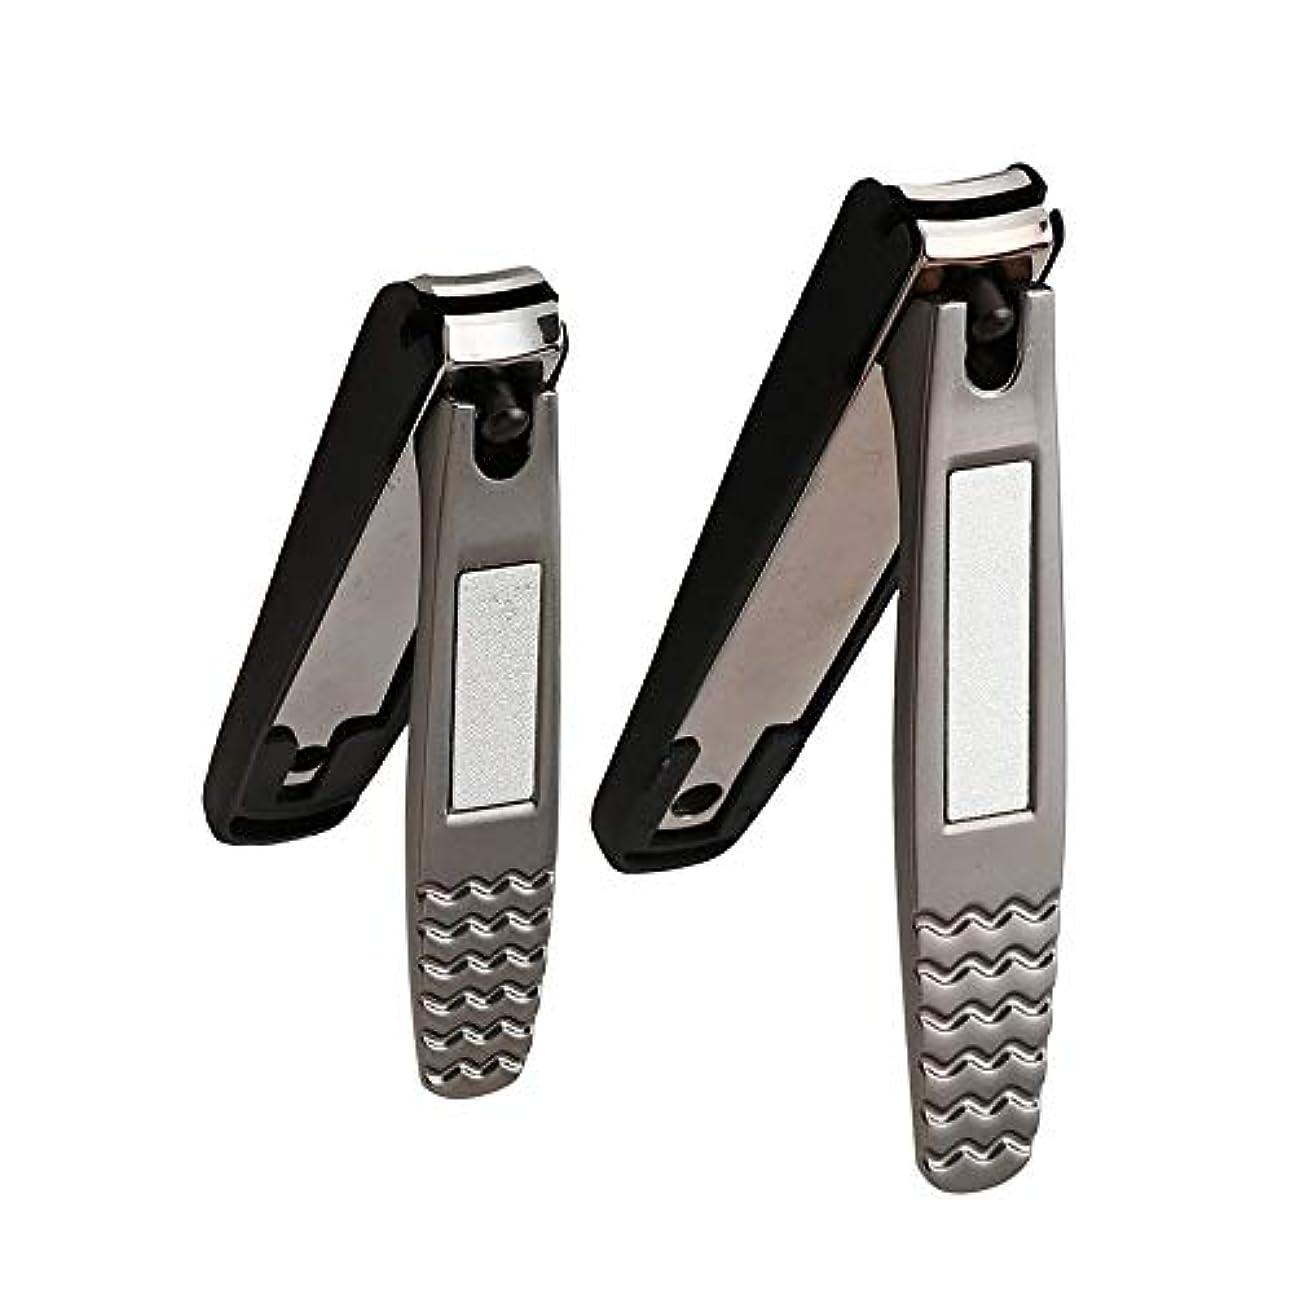 神経障害スペイン時間とともに爪切り 高級 飛び散り防止爪切り金属ケース 用などに対応可能家庭用/介護用/医療